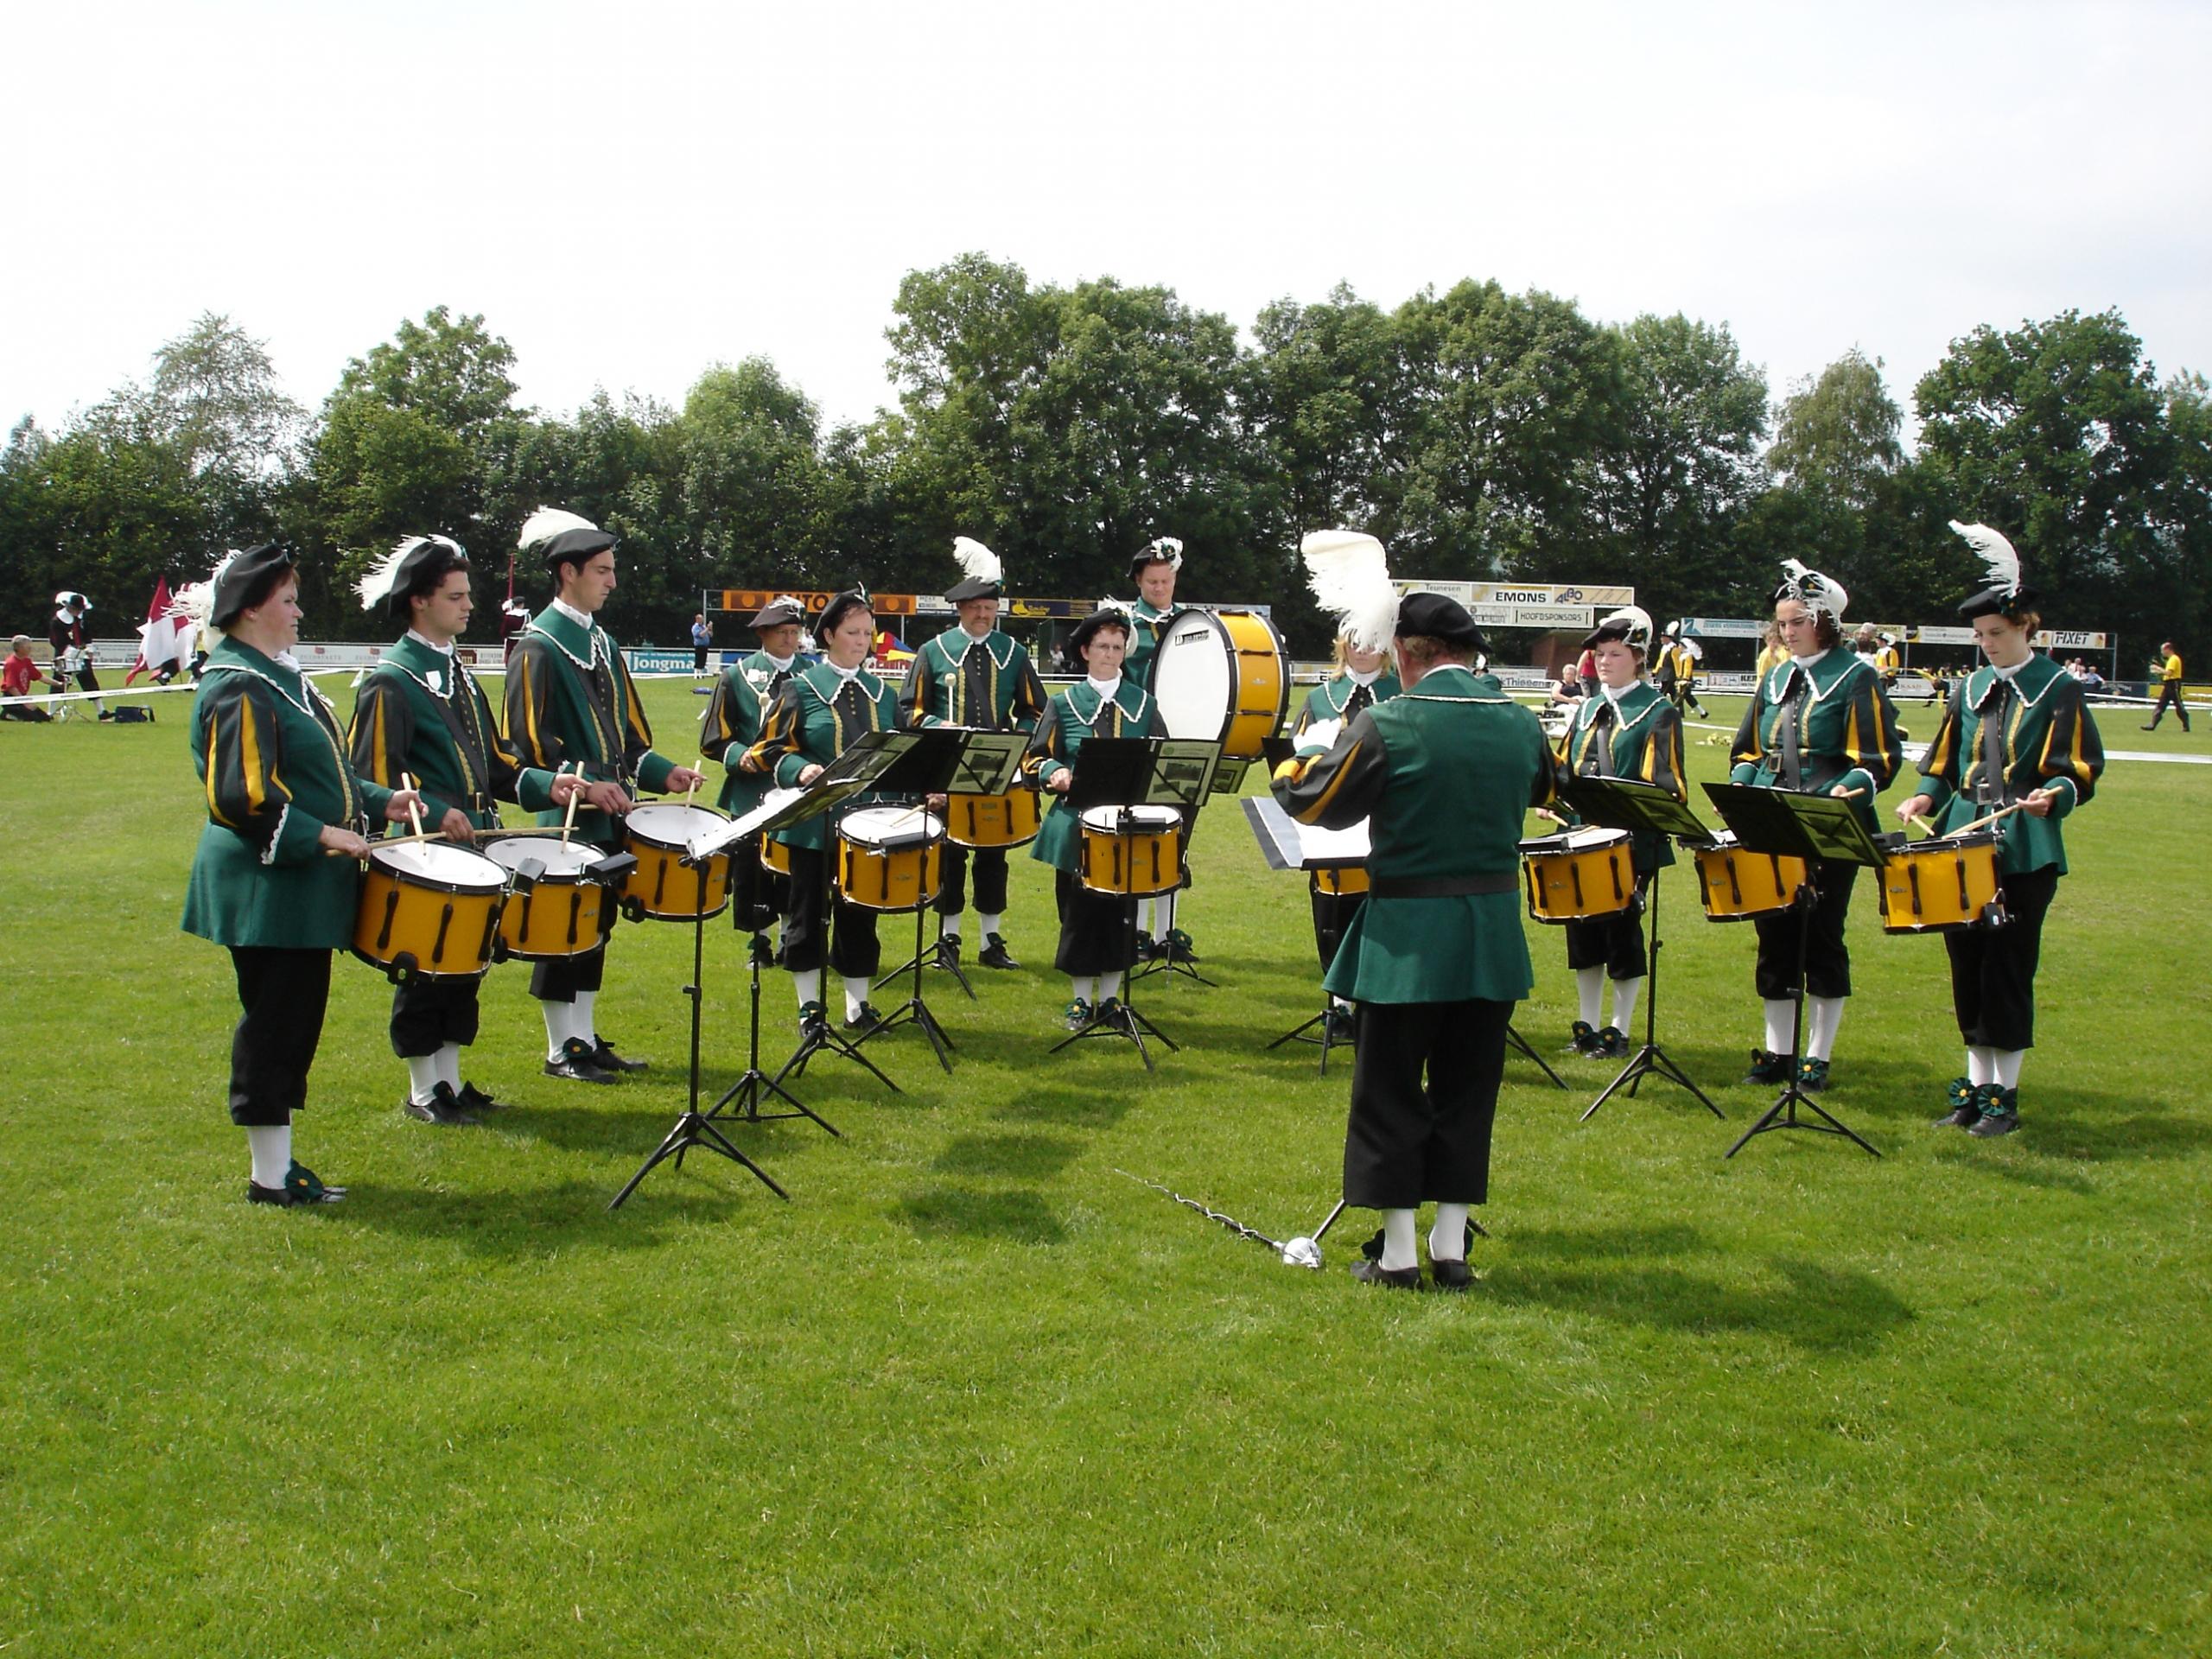 Gildedag Drumband